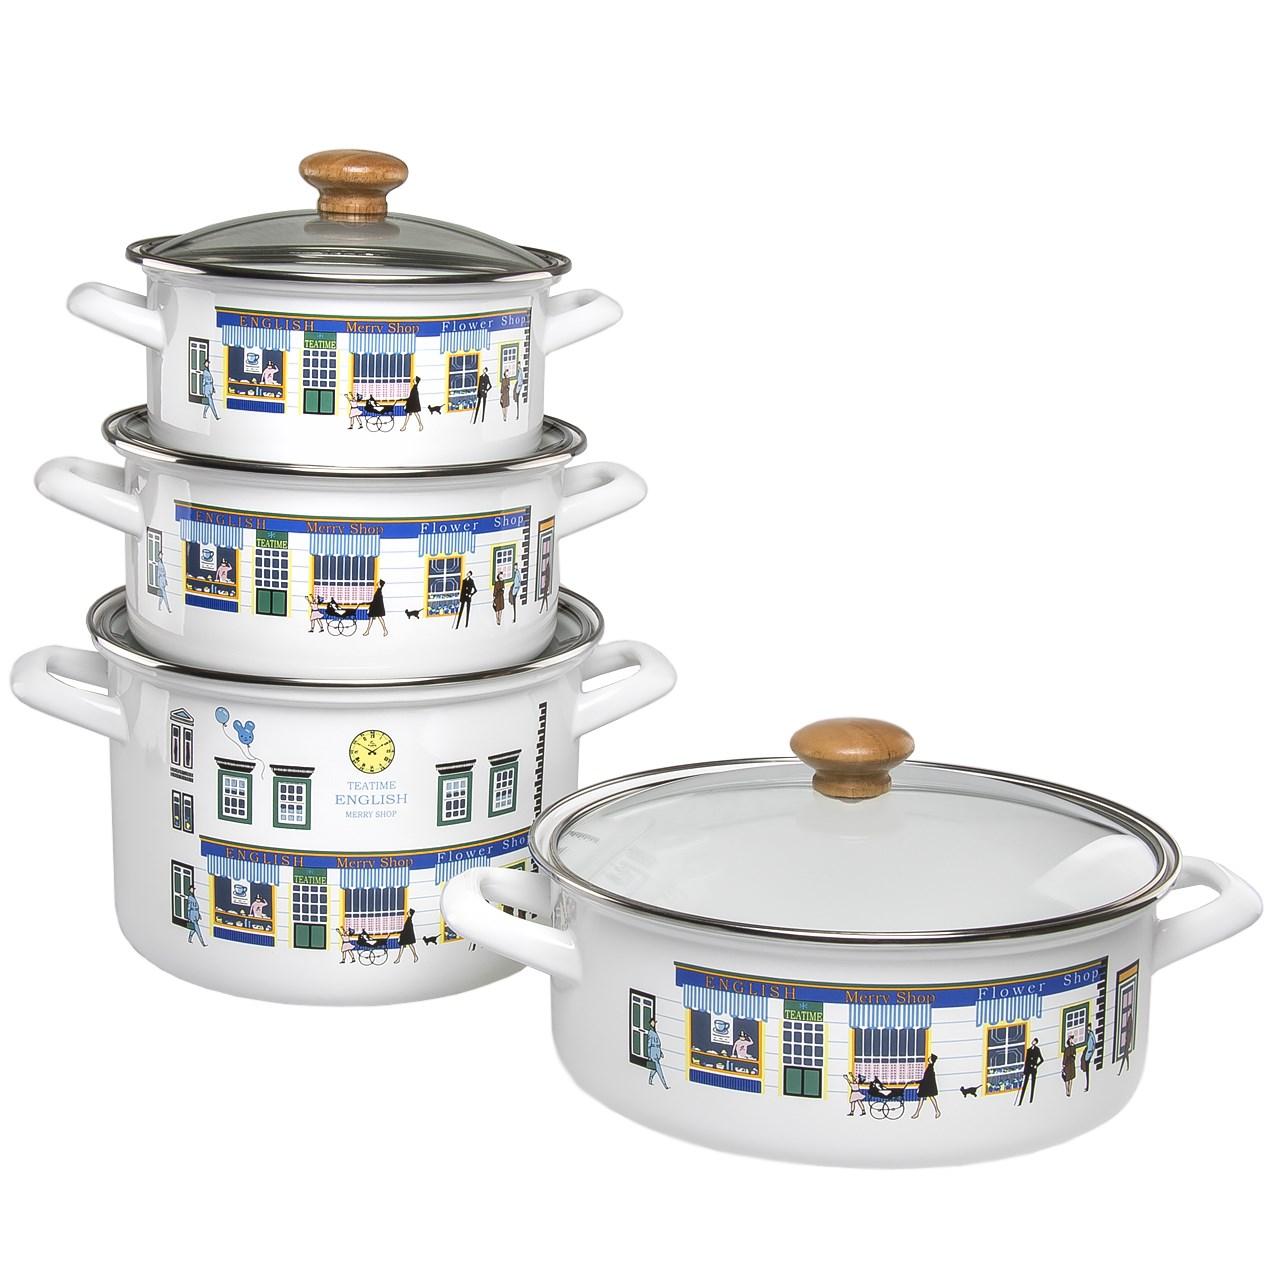 سرویس پخت و پز 8 پارچه رومنس طرح انگلیسی مدل 10400